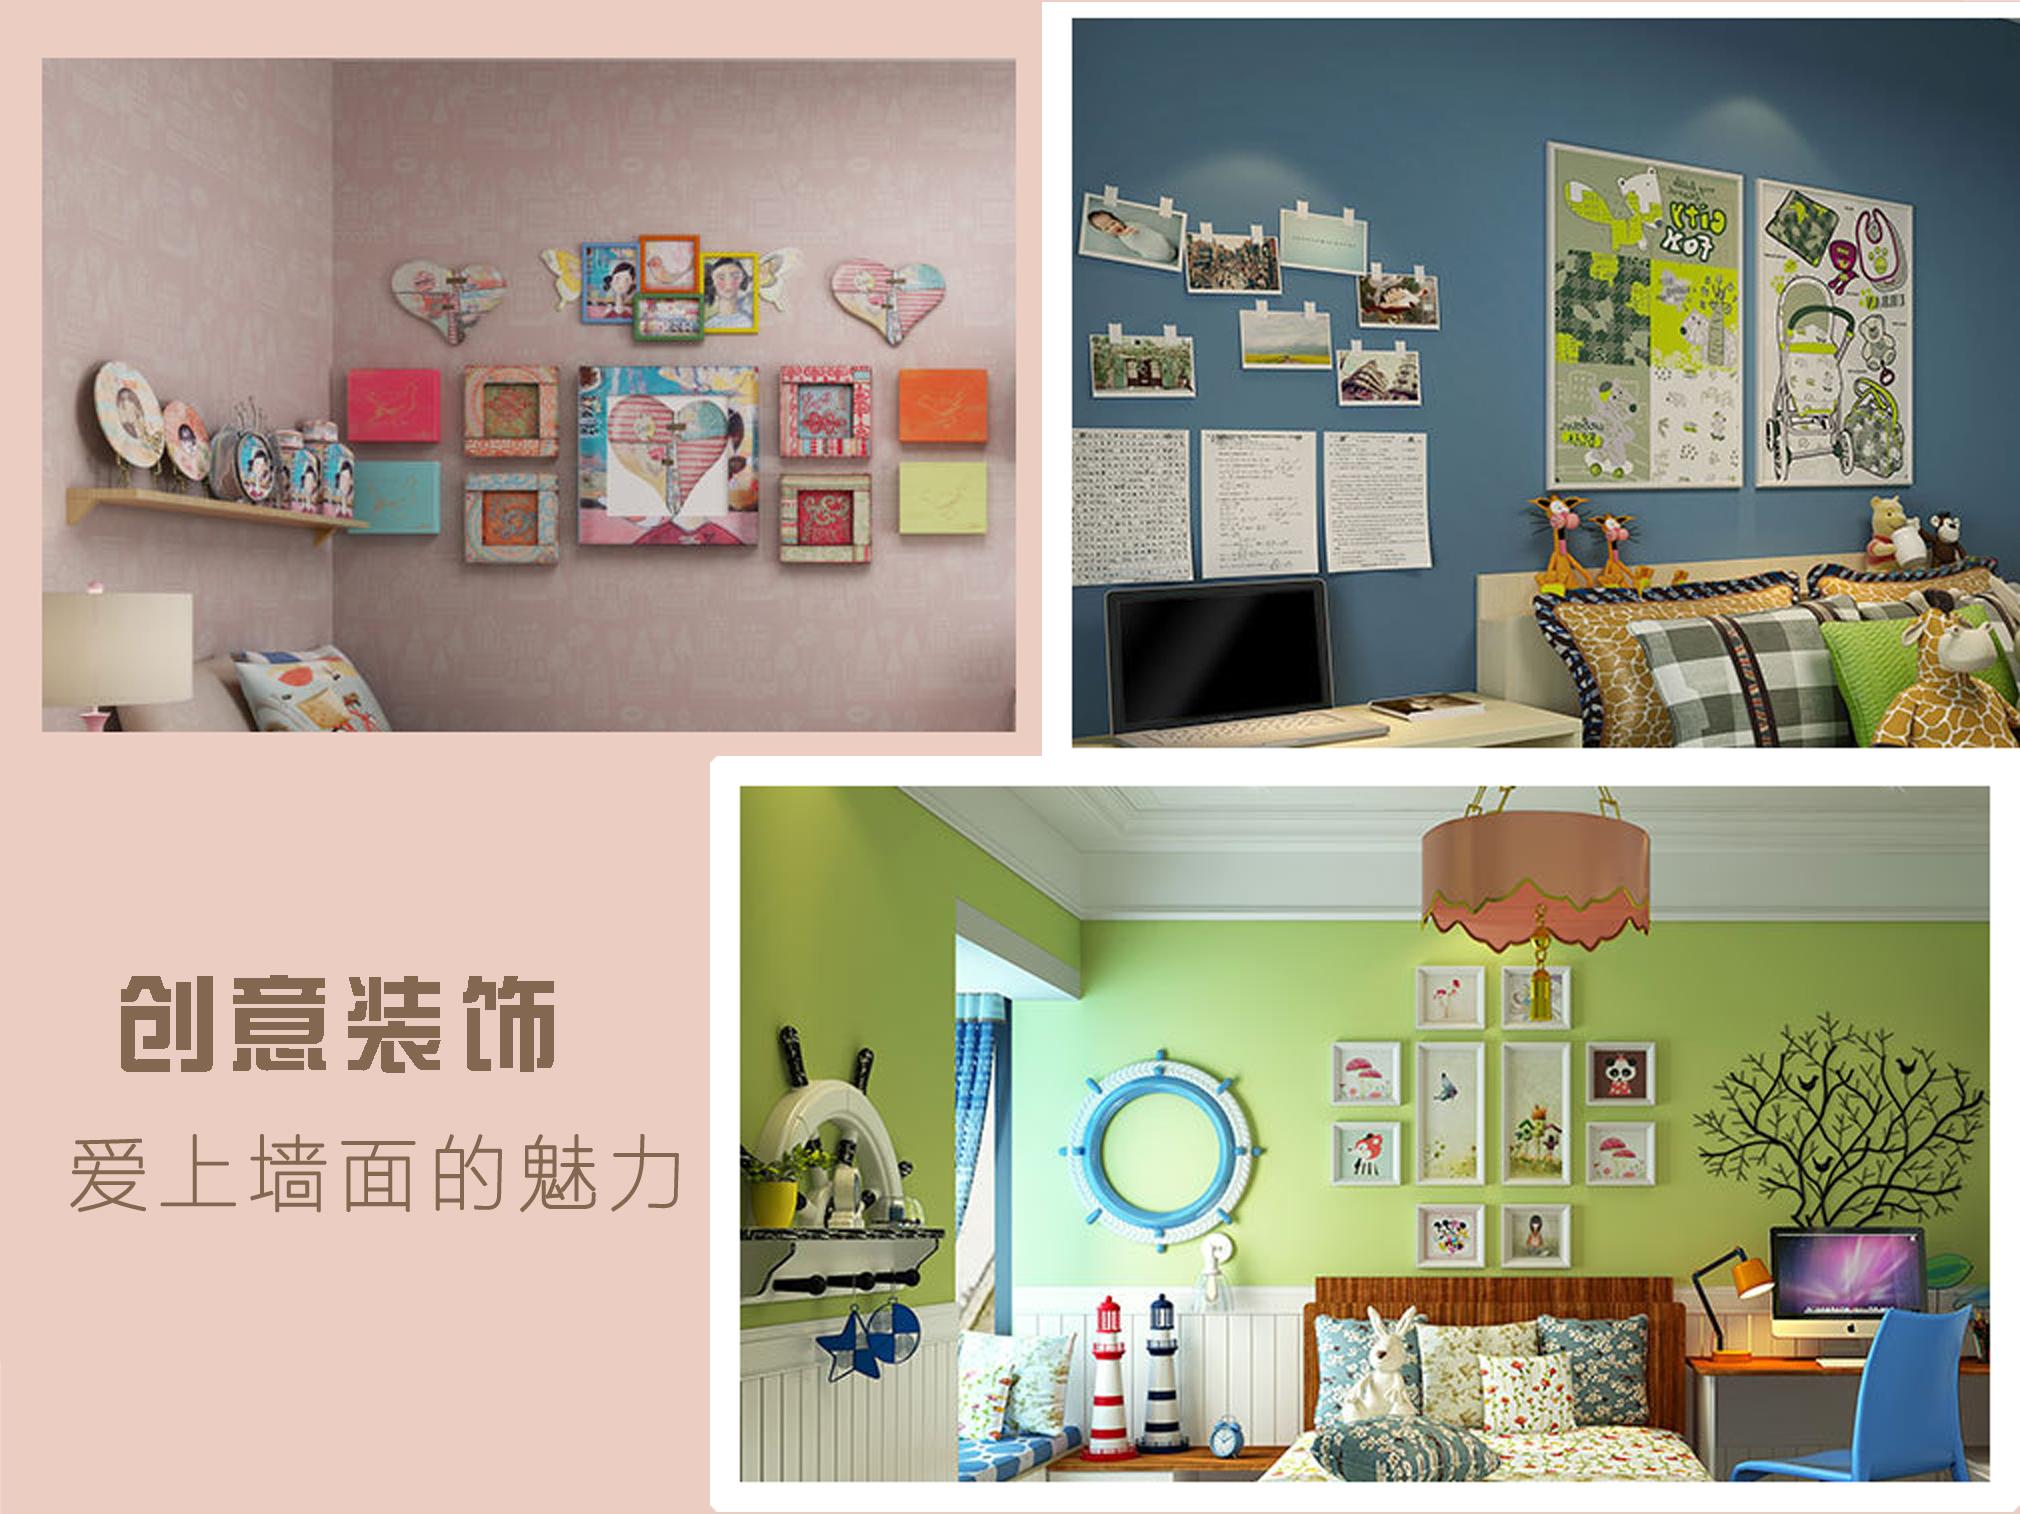 儿童房创意装饰